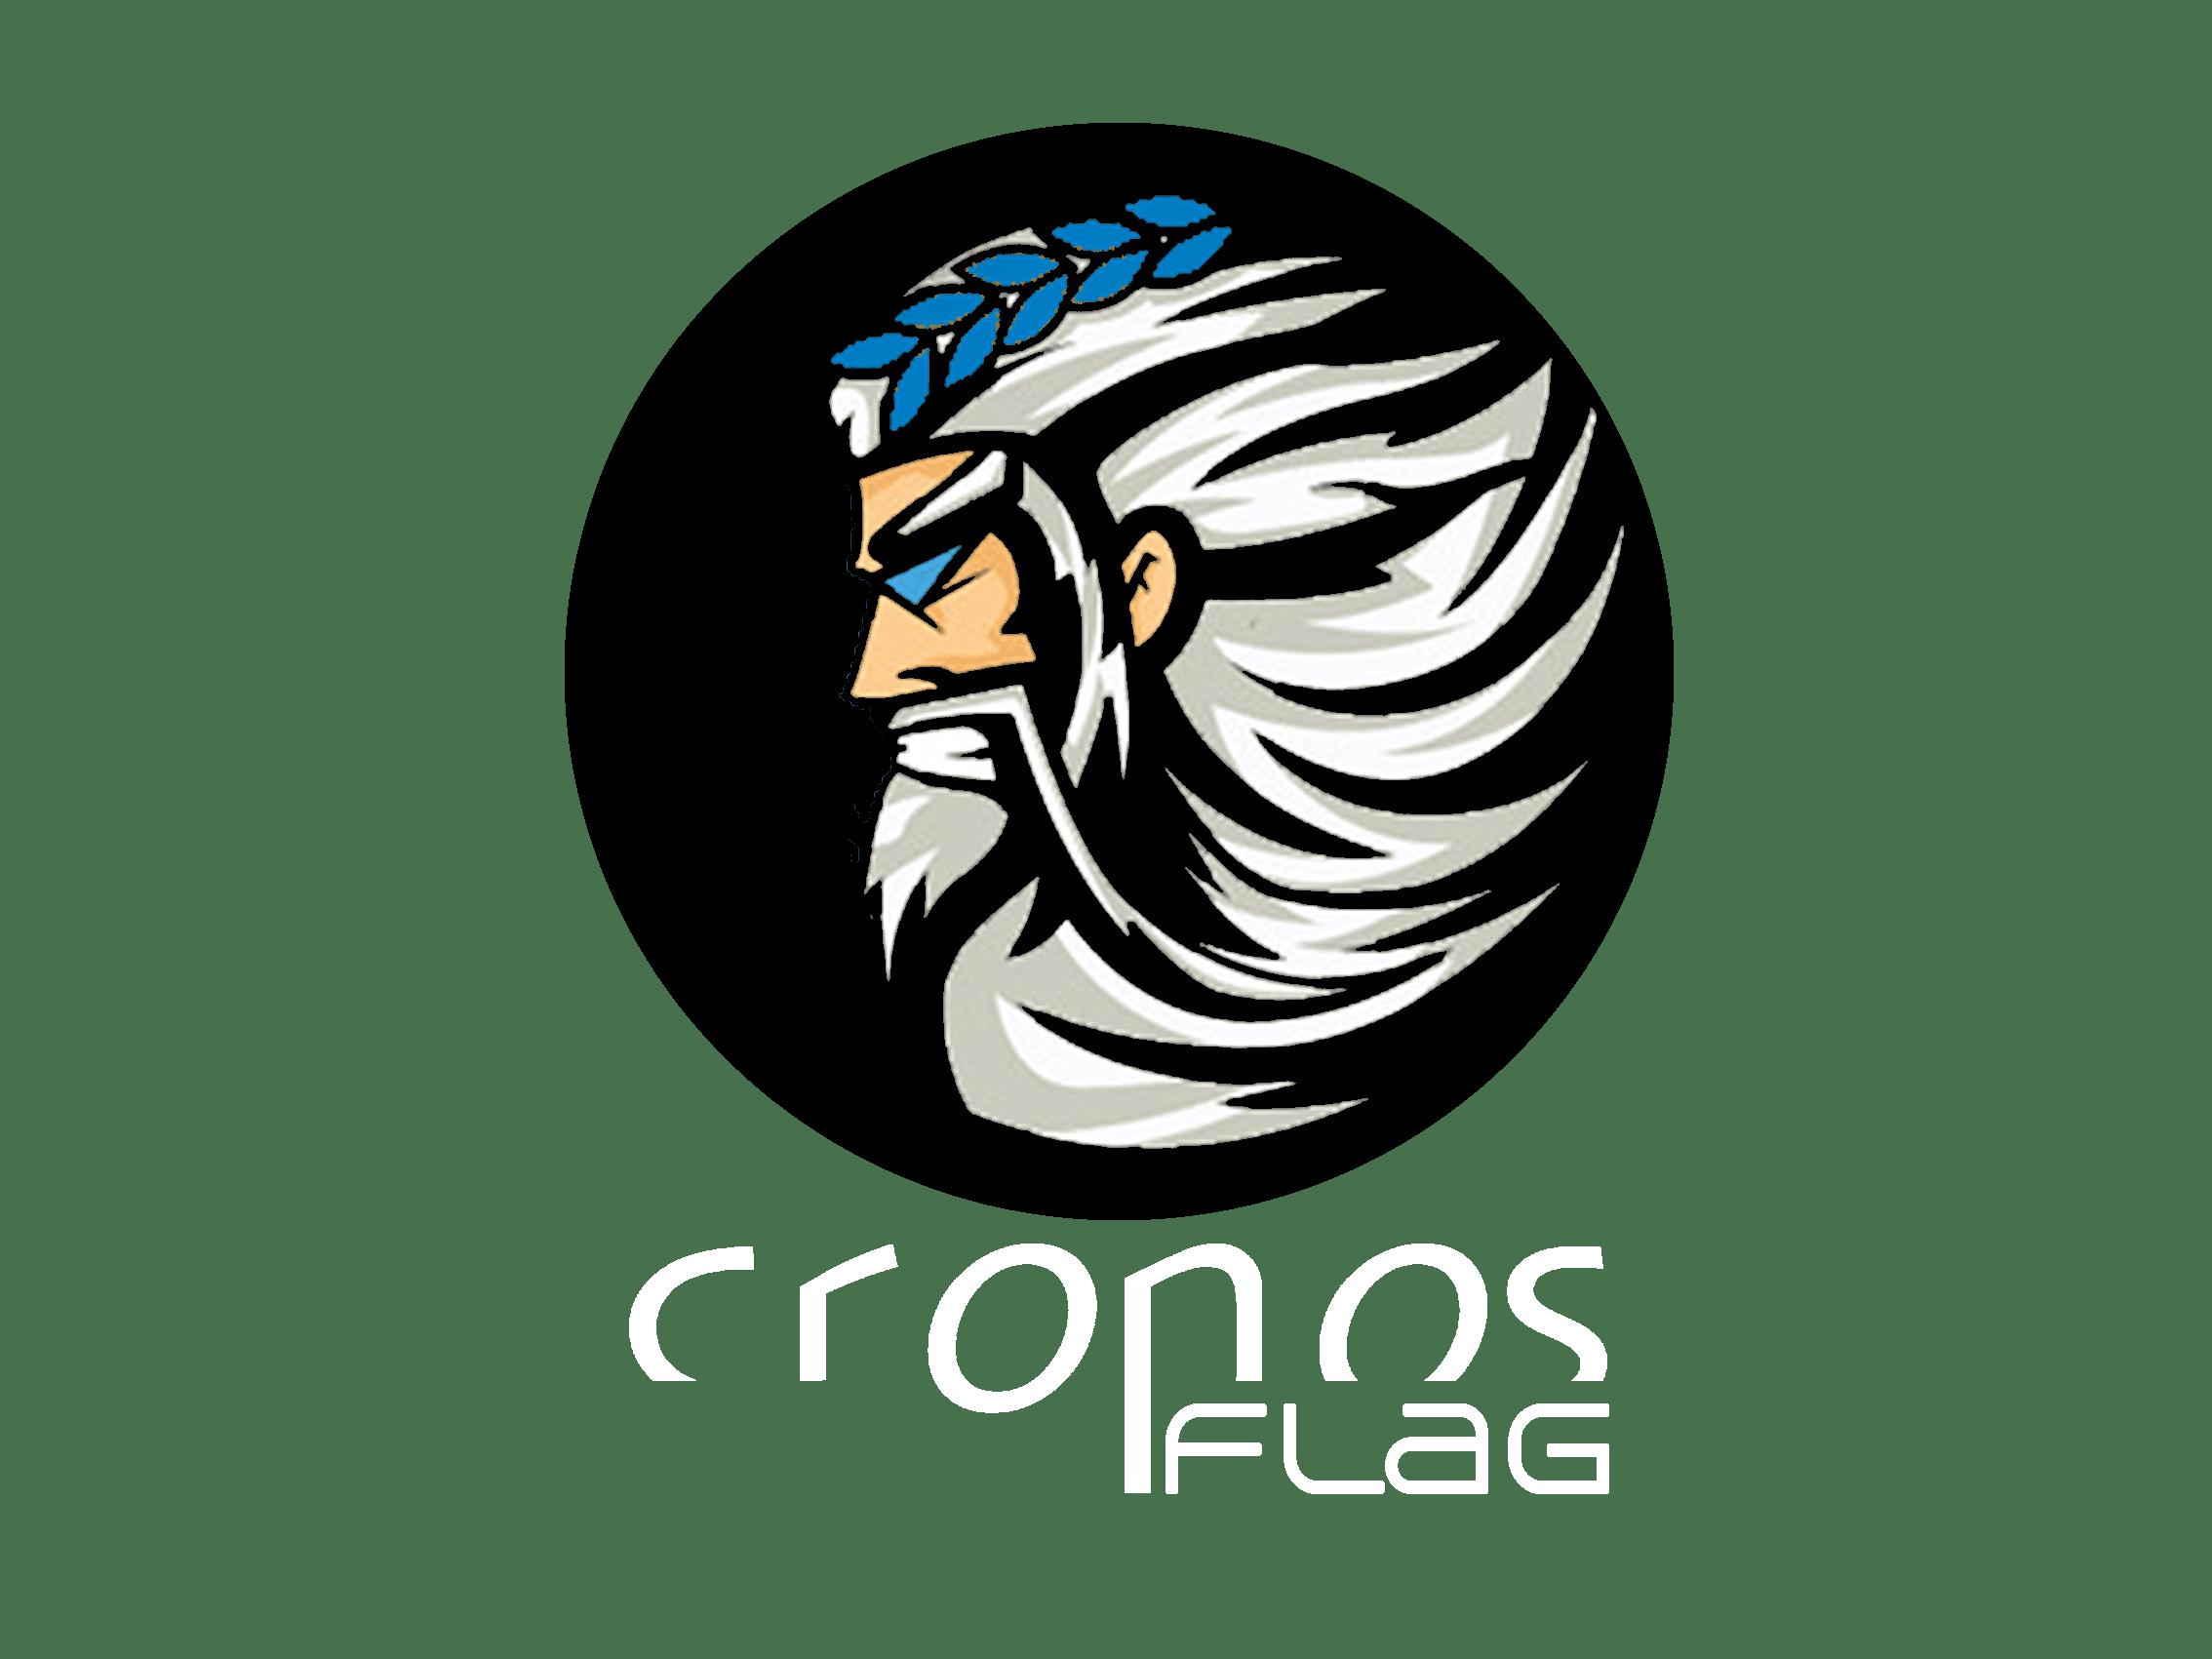 Cronos Flag